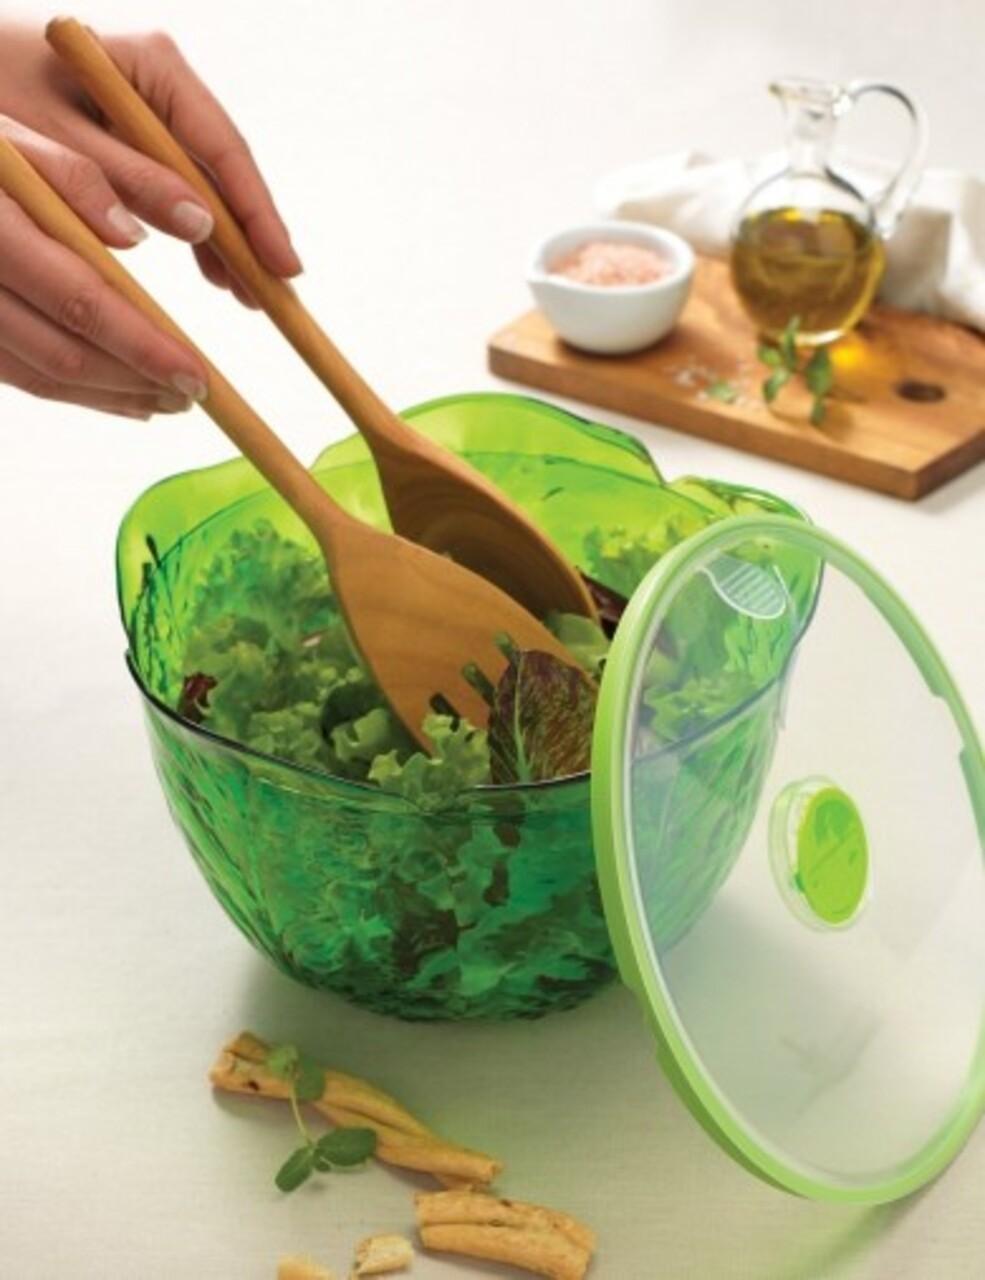 Cutie depozitare salata, Snips, Salad Keeper, pentru pastrarea prospetimii, 4 L, plastic, verde